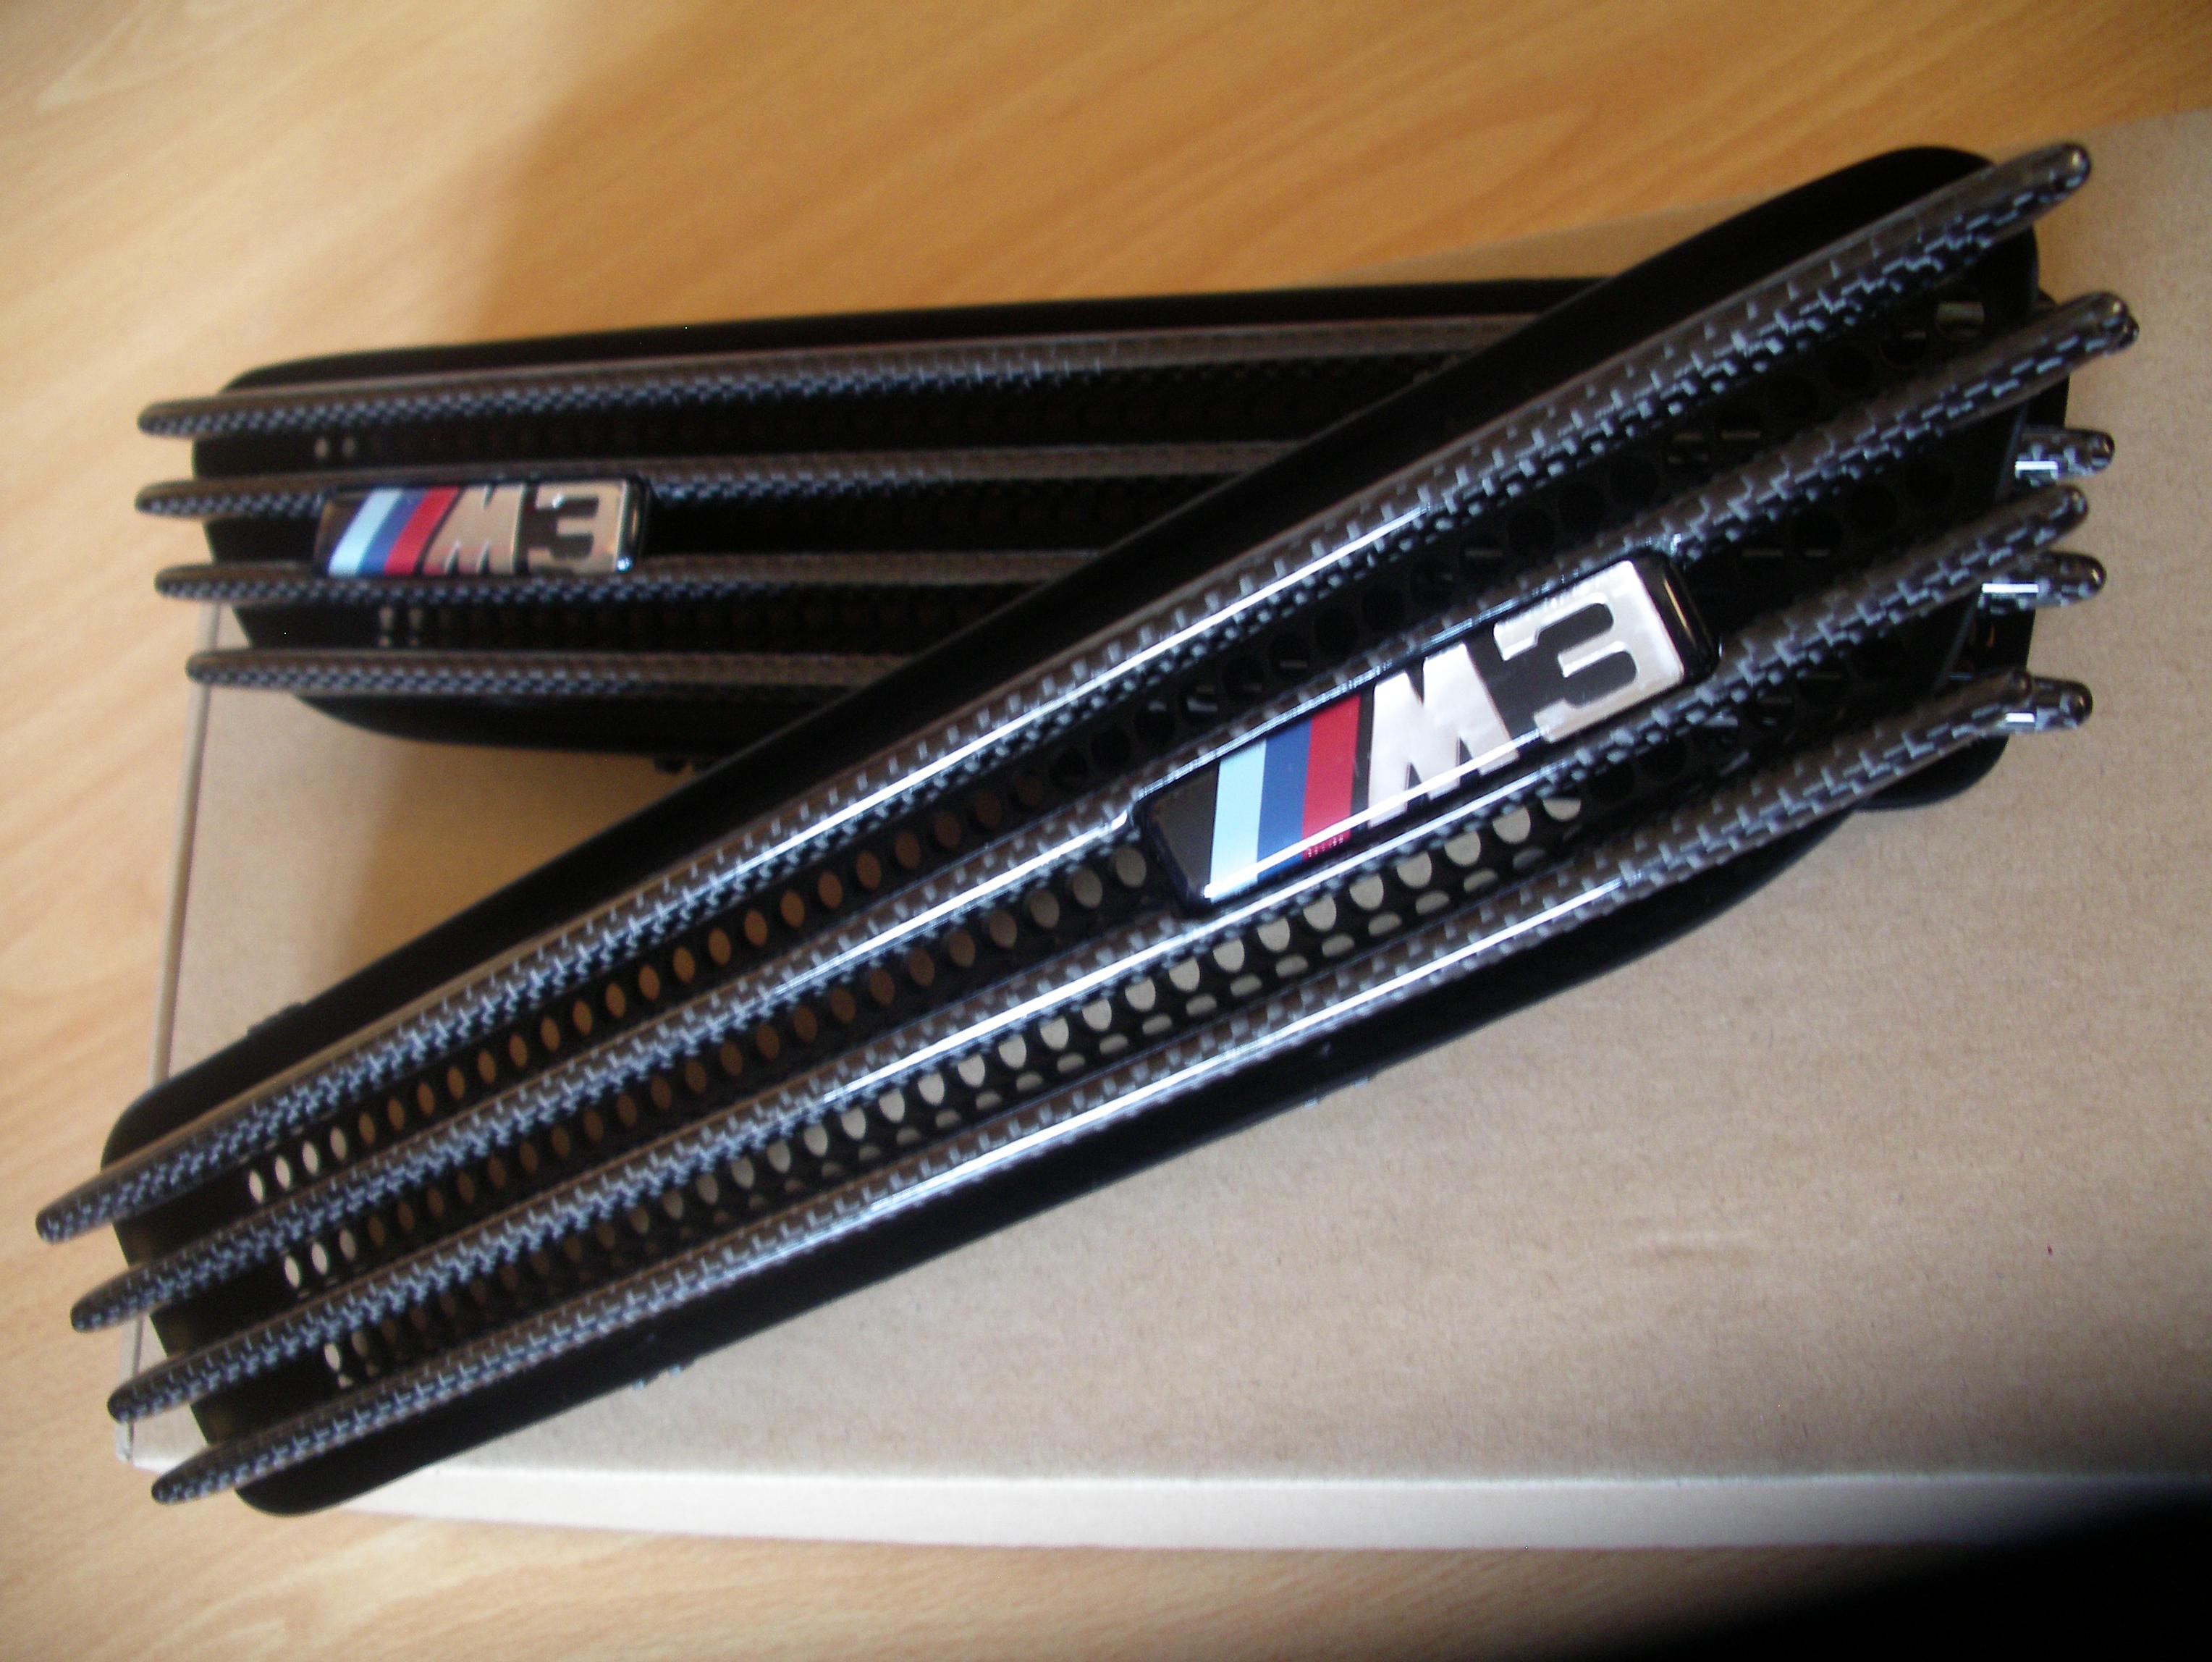 bmw-e46-m3-carbon-fibre-side-grilles-vents-2.jpg